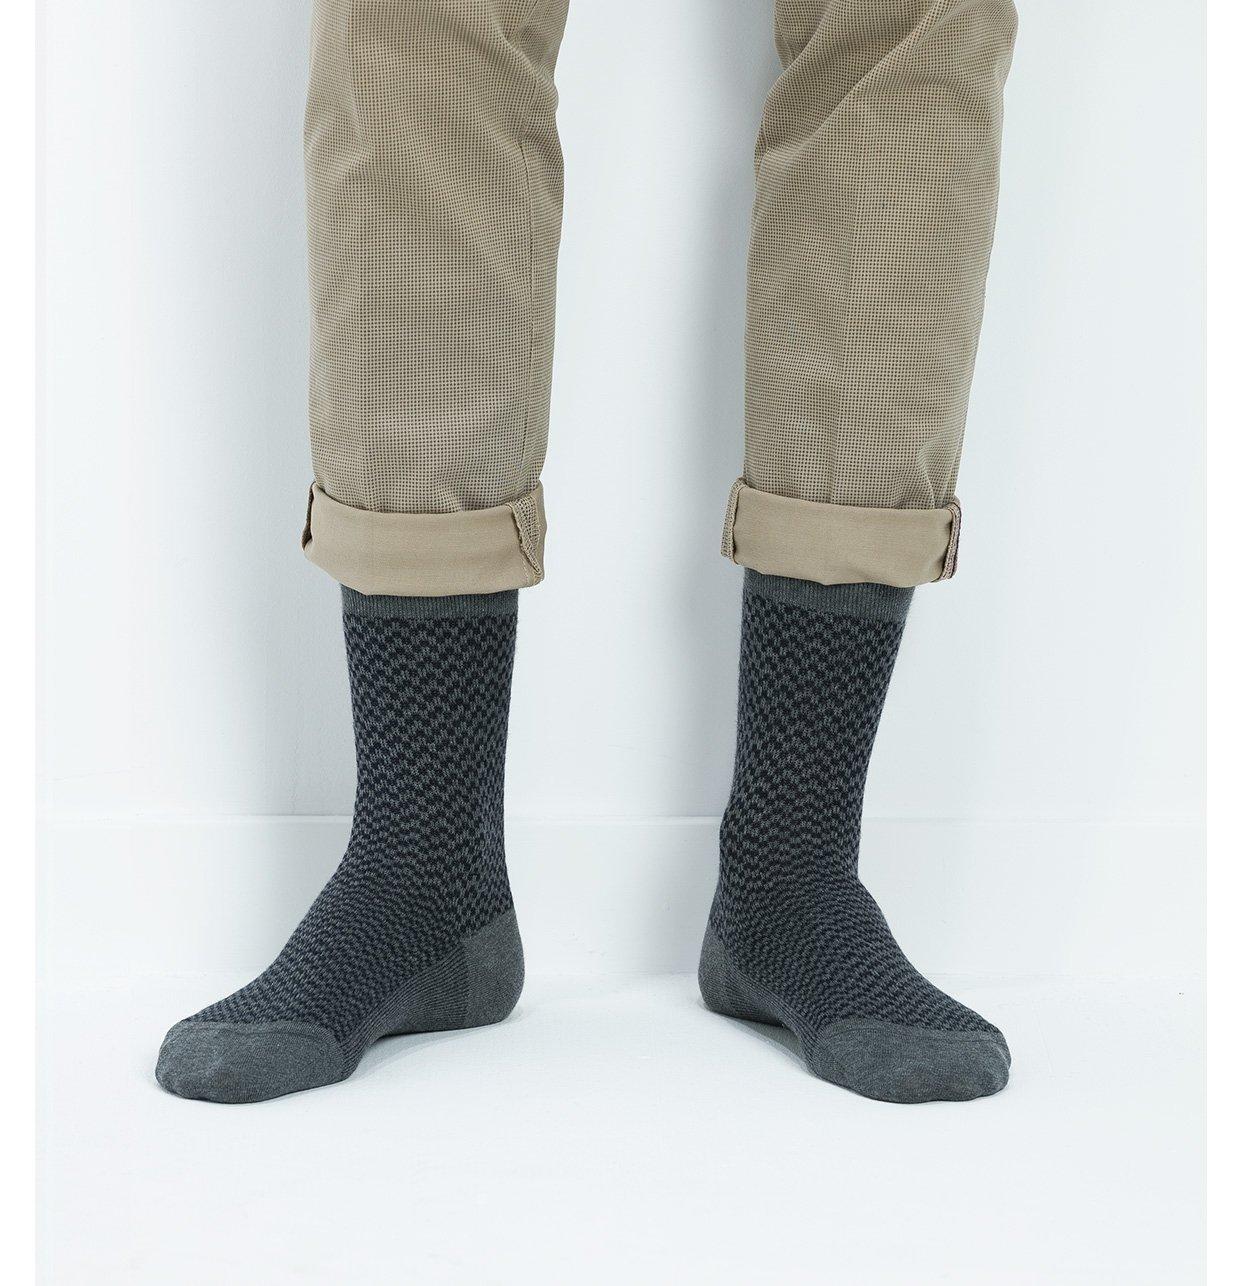 Calcetin corto estampado fantasia, color gris, 100 algodón.